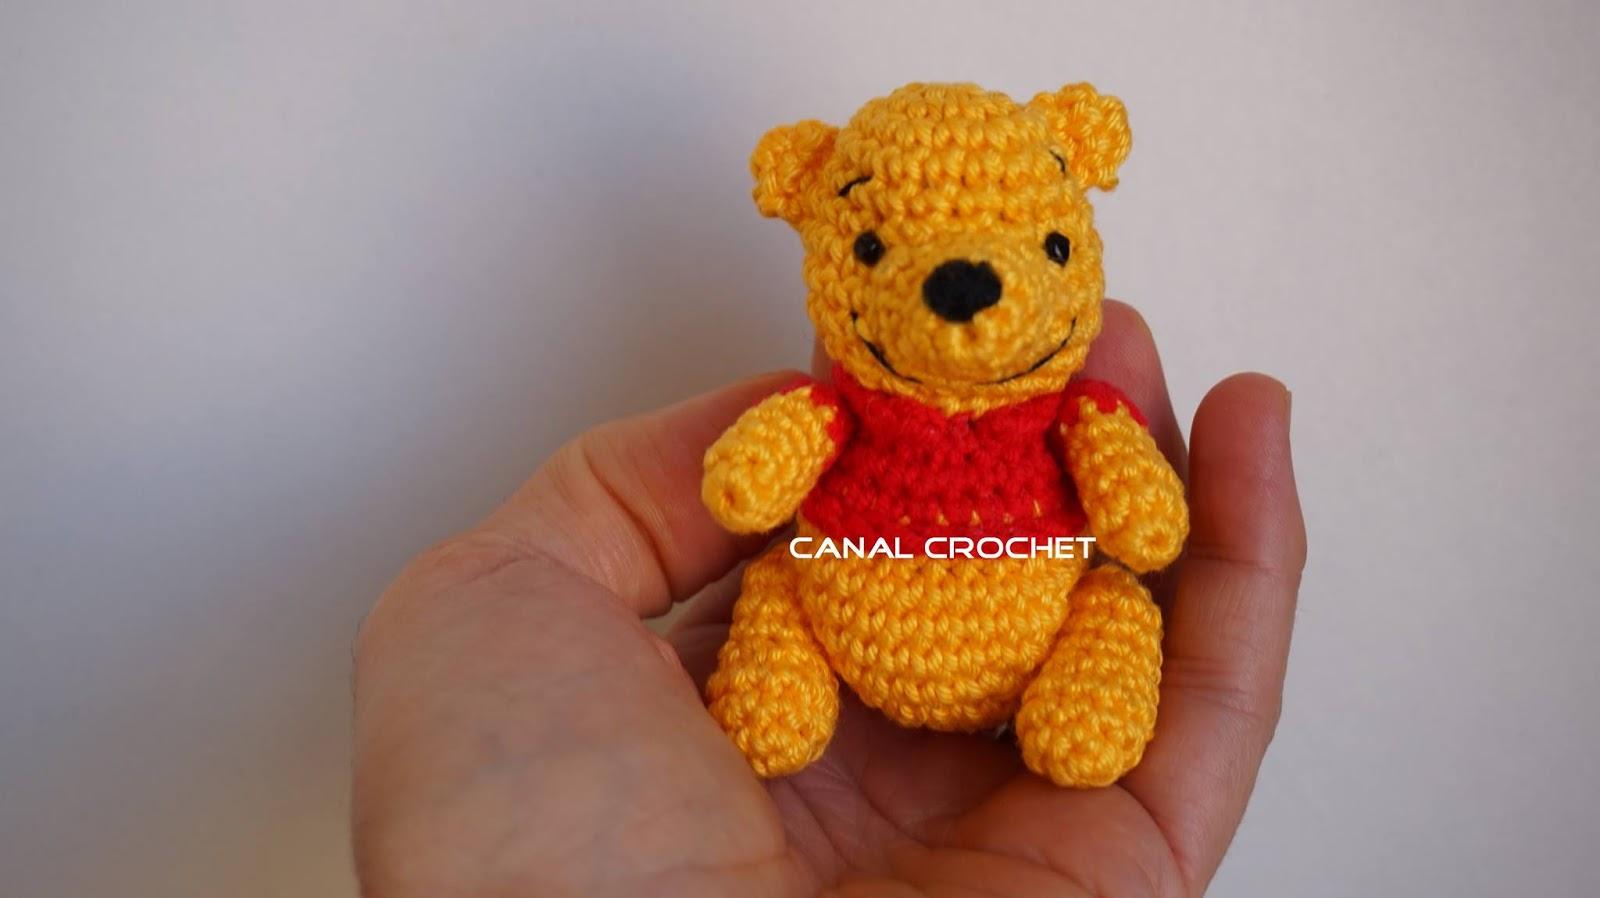 Pin di Sherri Caceres su Winnie the Pooh & More nel 2020 ... | 898x1600